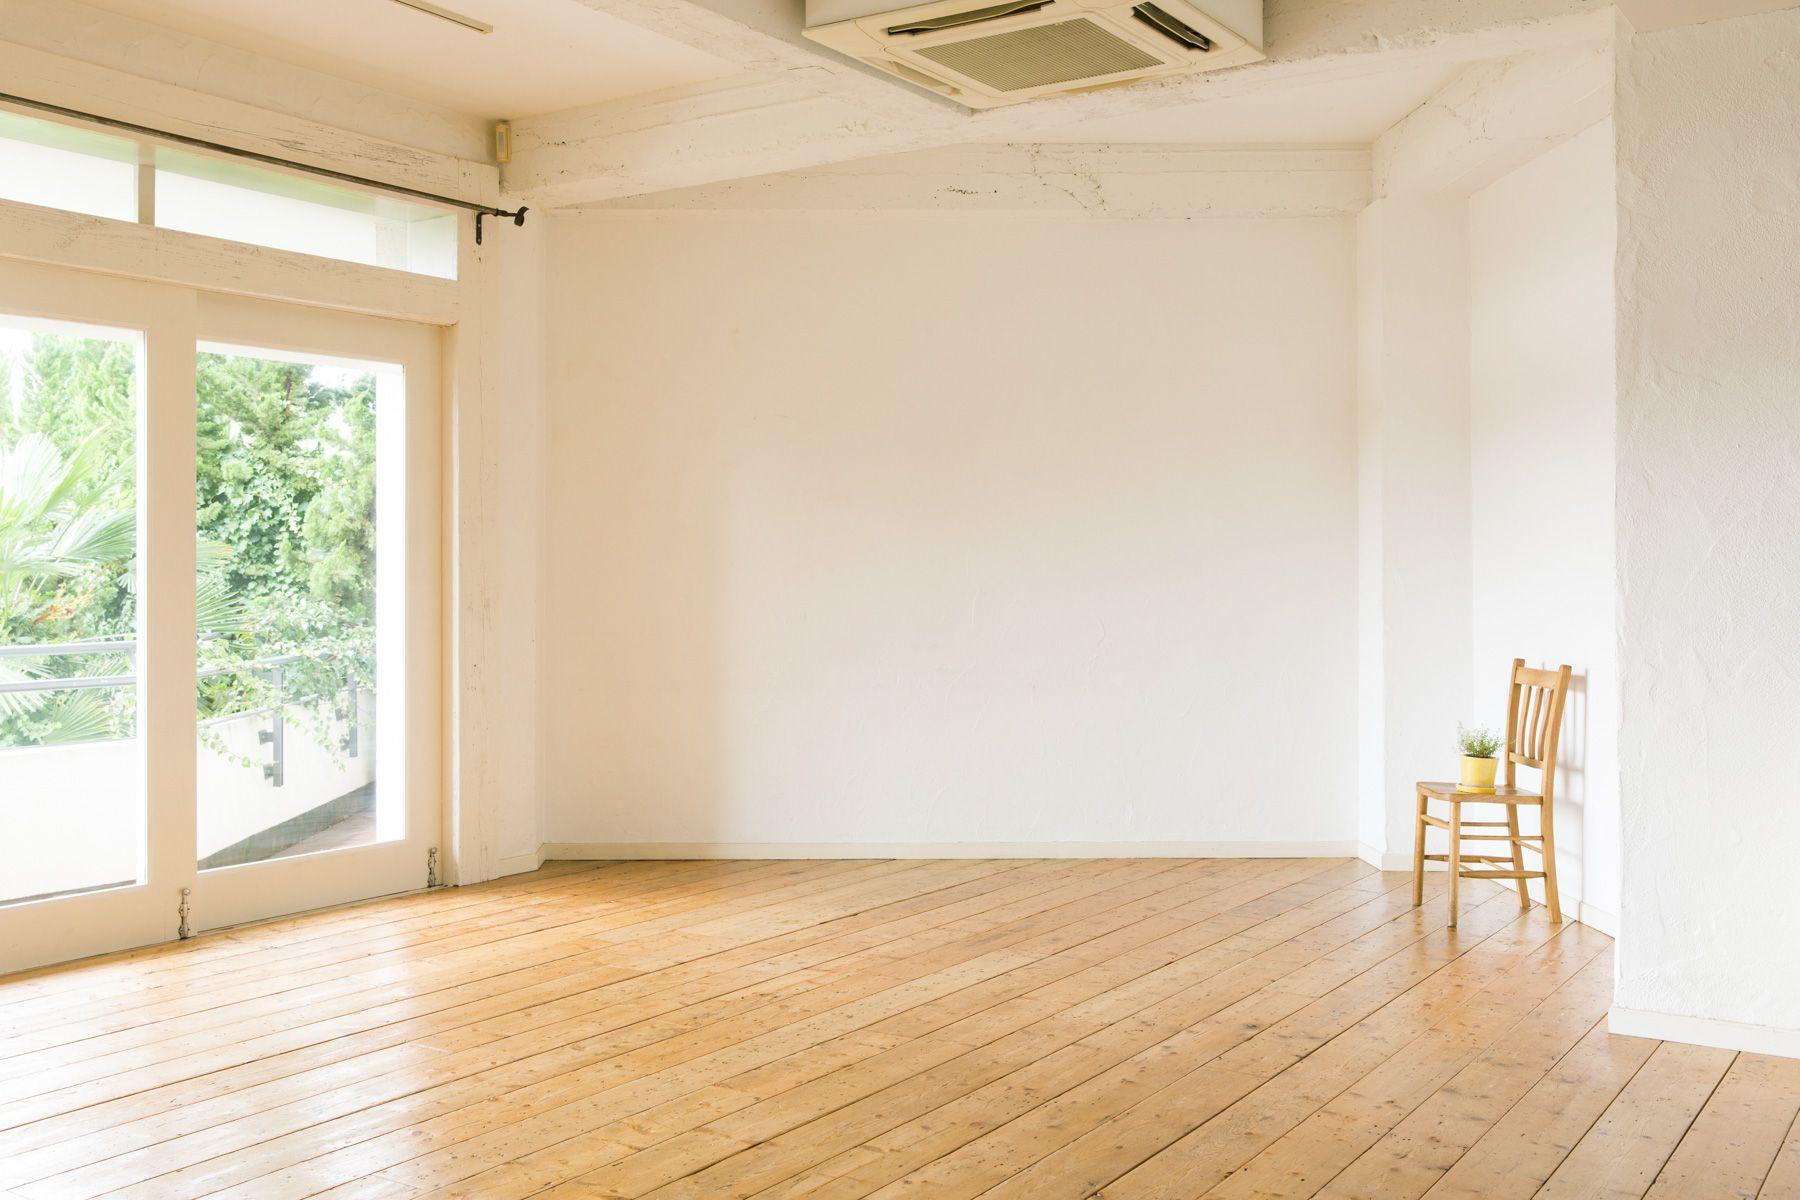 Hiroo house 2F (広尾ハウス 2F)